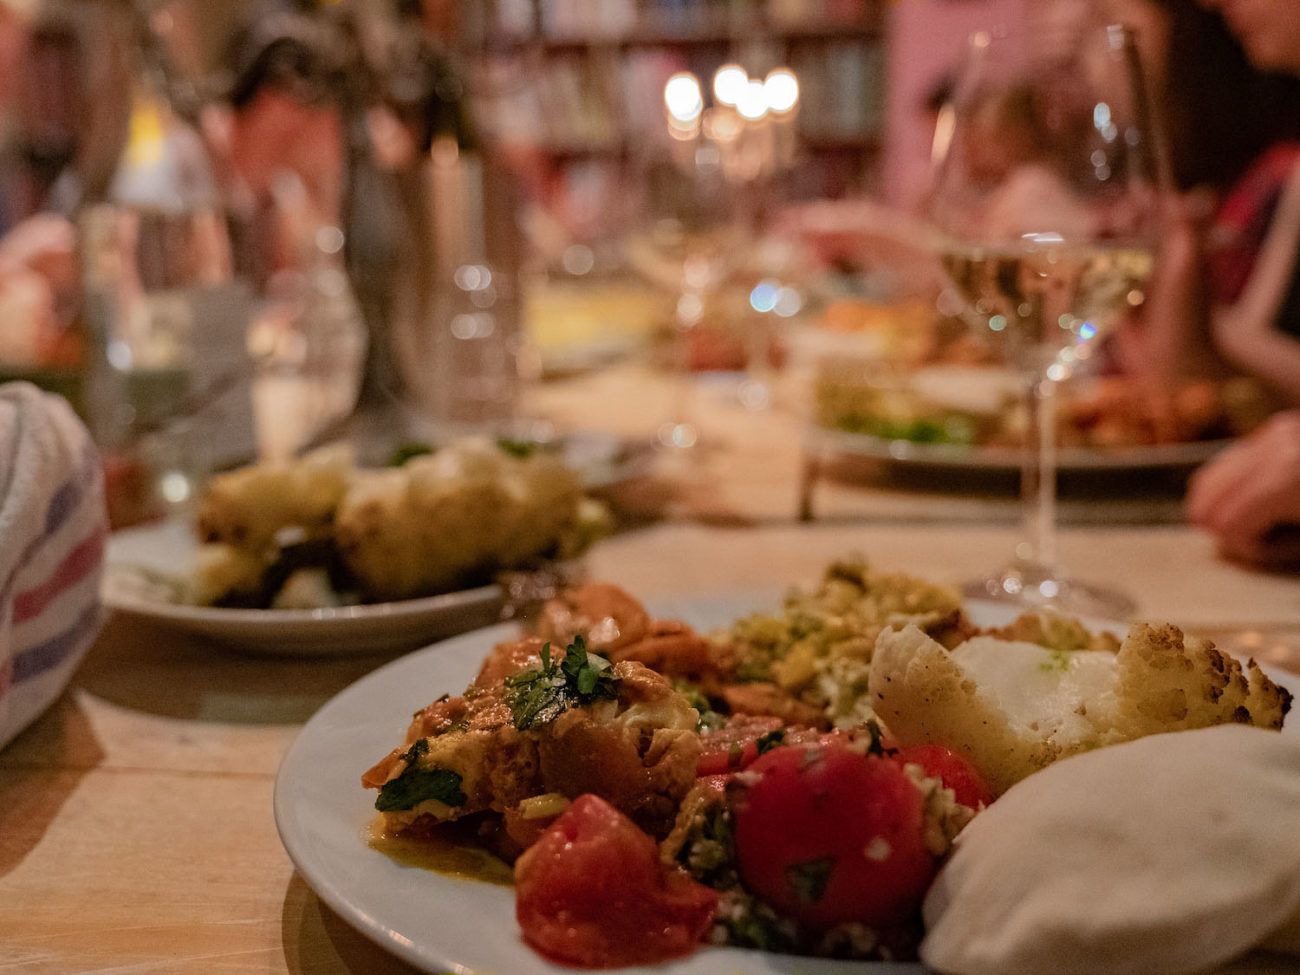 About Fuel, Ofir Raul Graizer, Kochkurs, Wein, Festmahl, Dinner